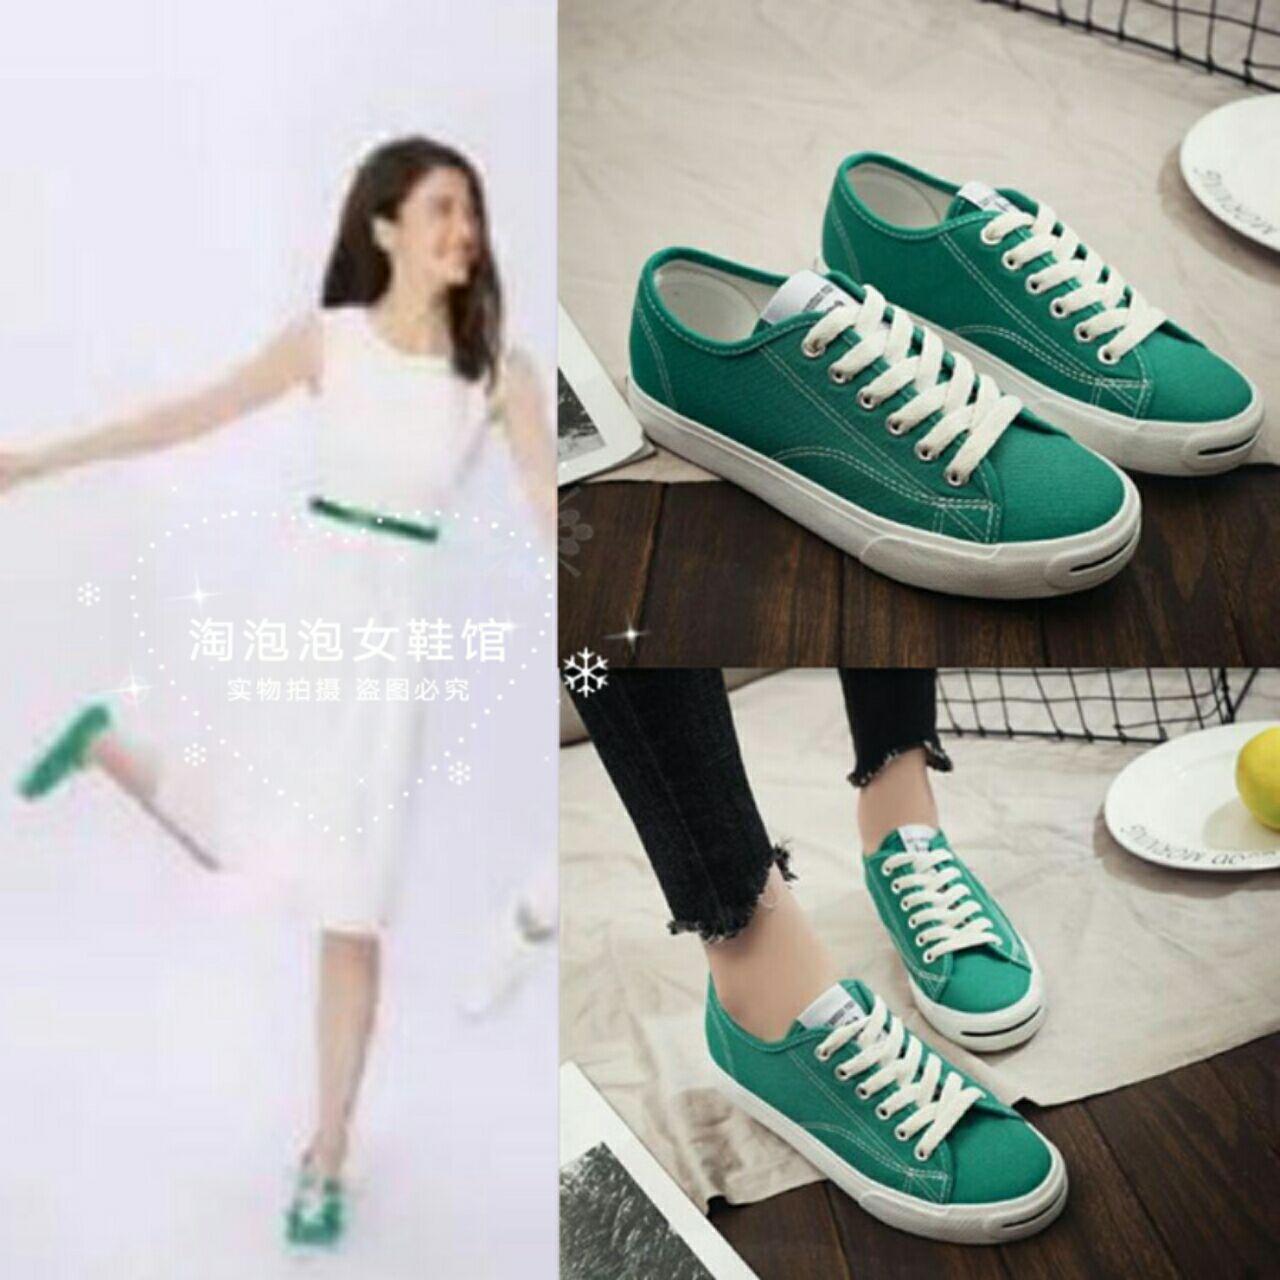 绿色帆布鞋 泡沫之夏张雪迎结爱千岁大人的初恋宋茜关皮皮同款绿色白色帆布鞋_推荐淘宝好看的绿色帆布鞋